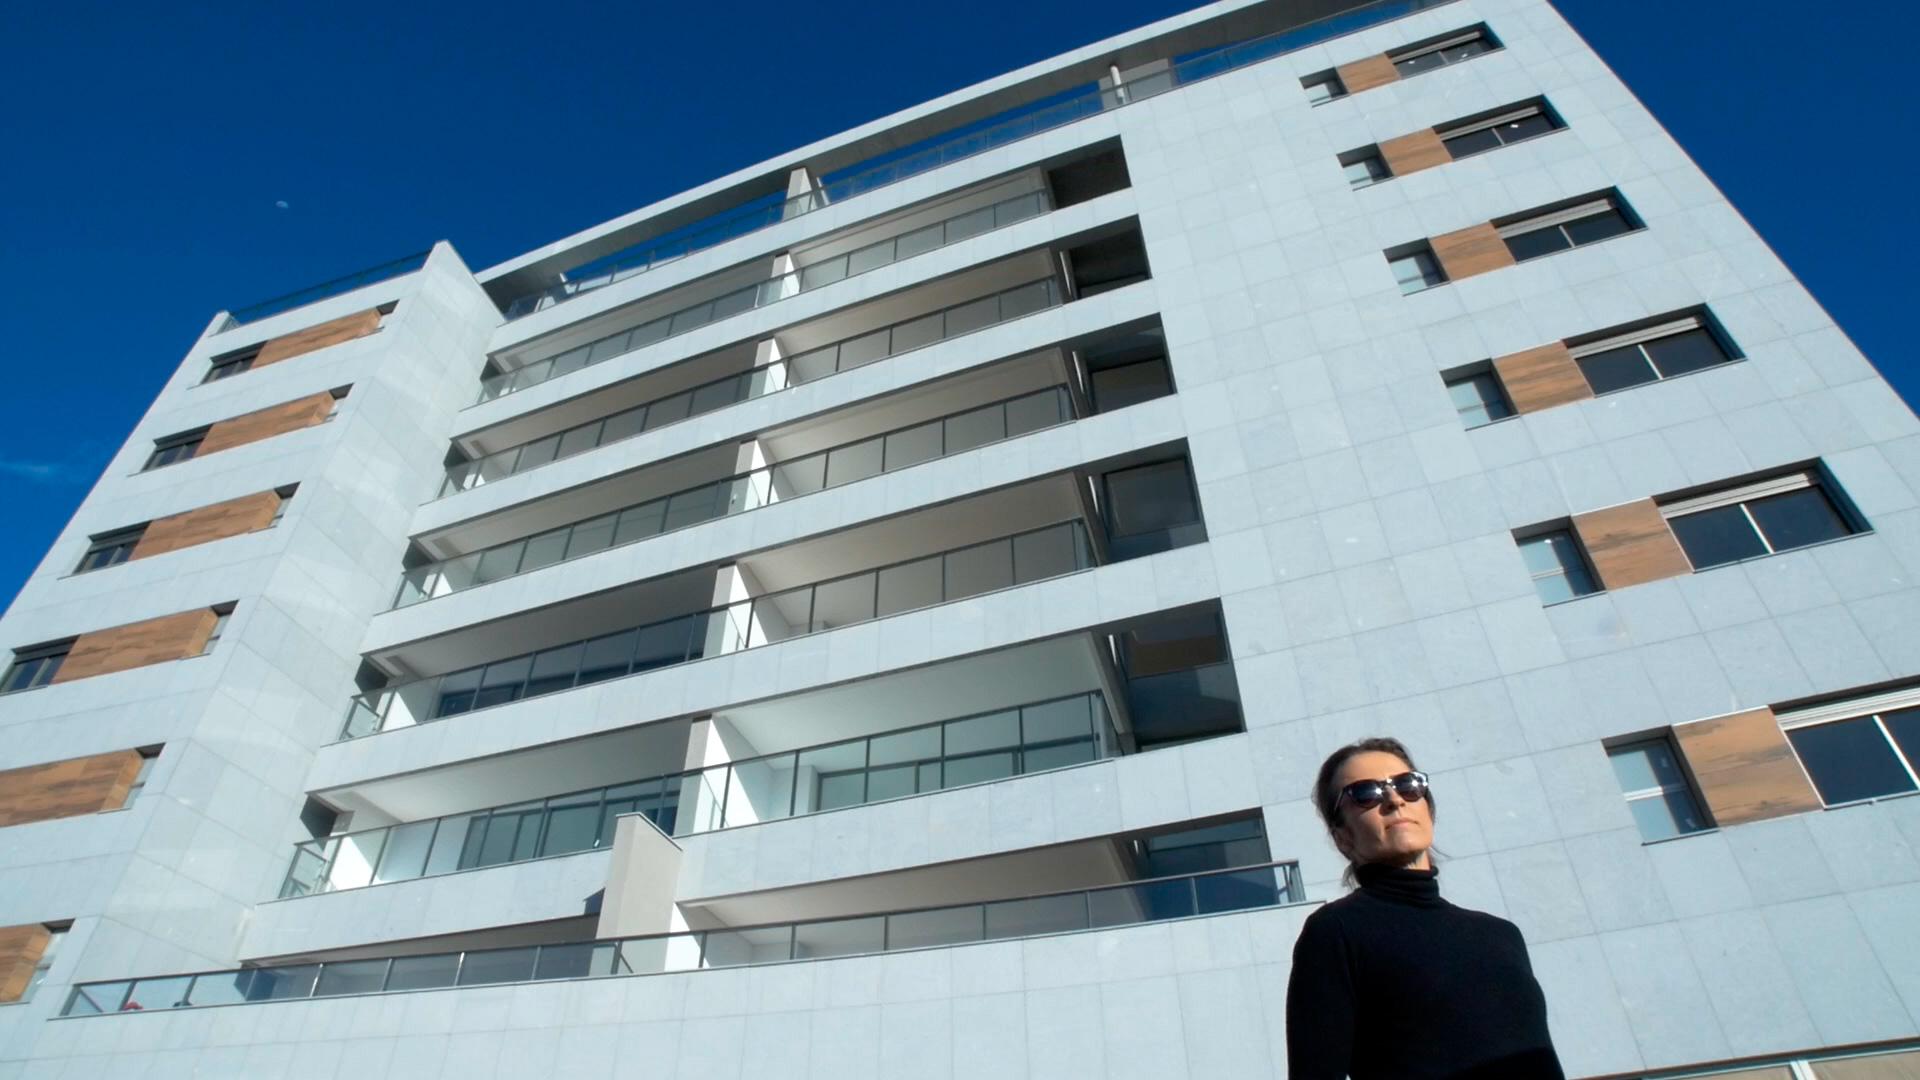 Edifício Lua tem projeto das arquitetas Cris Morais e Joanna Mendes